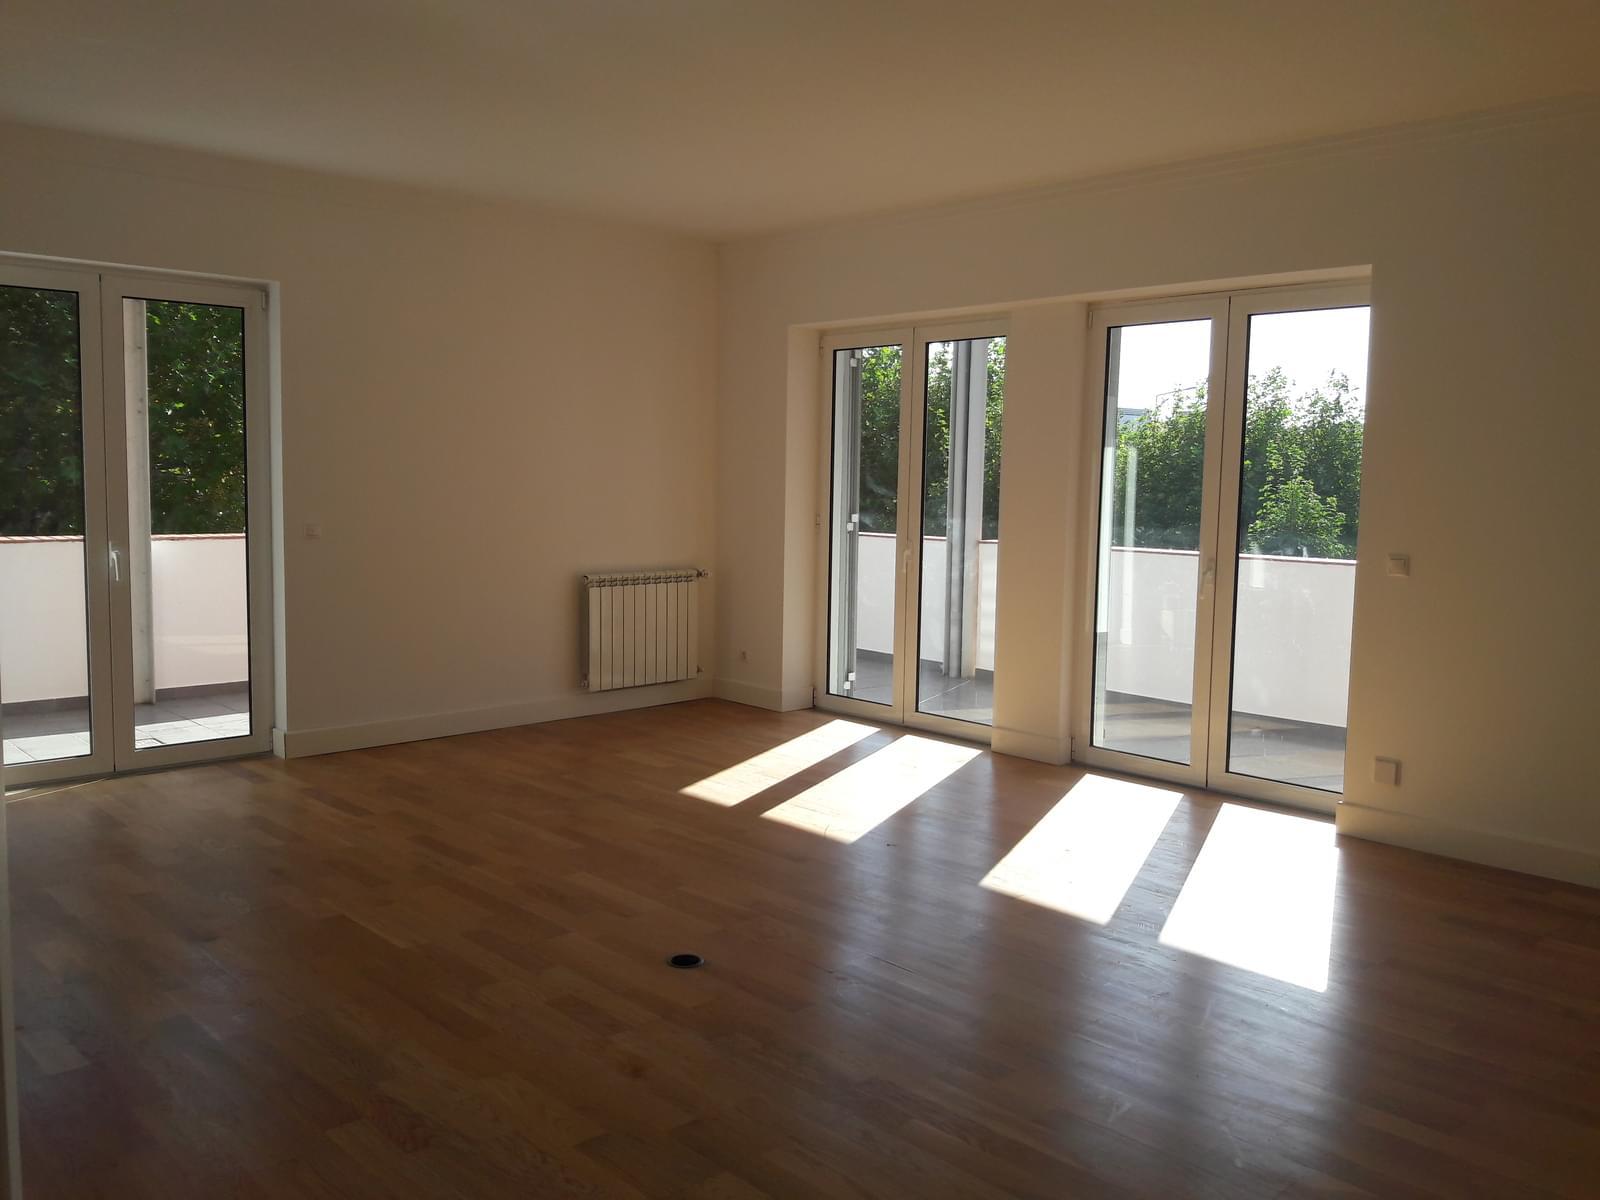 pf18057-apartamento-t3-sintra-21fe946b-2bbf-4e37-af82-caf857abb44c